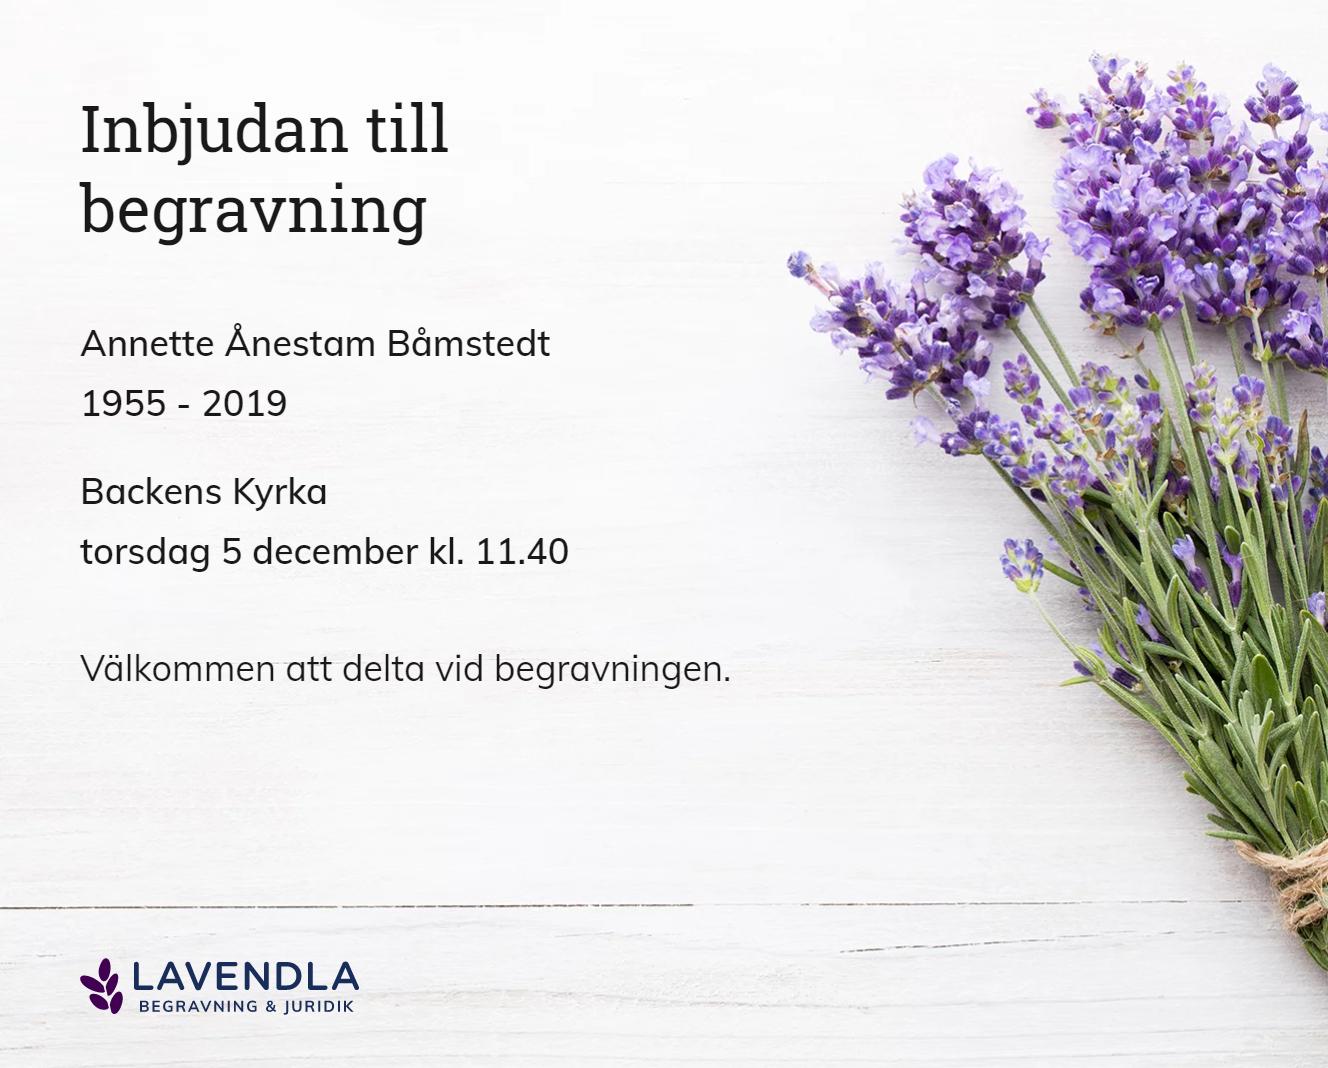 Inbjudningskort till ceremonin för Annette Ånestam Båmstedt